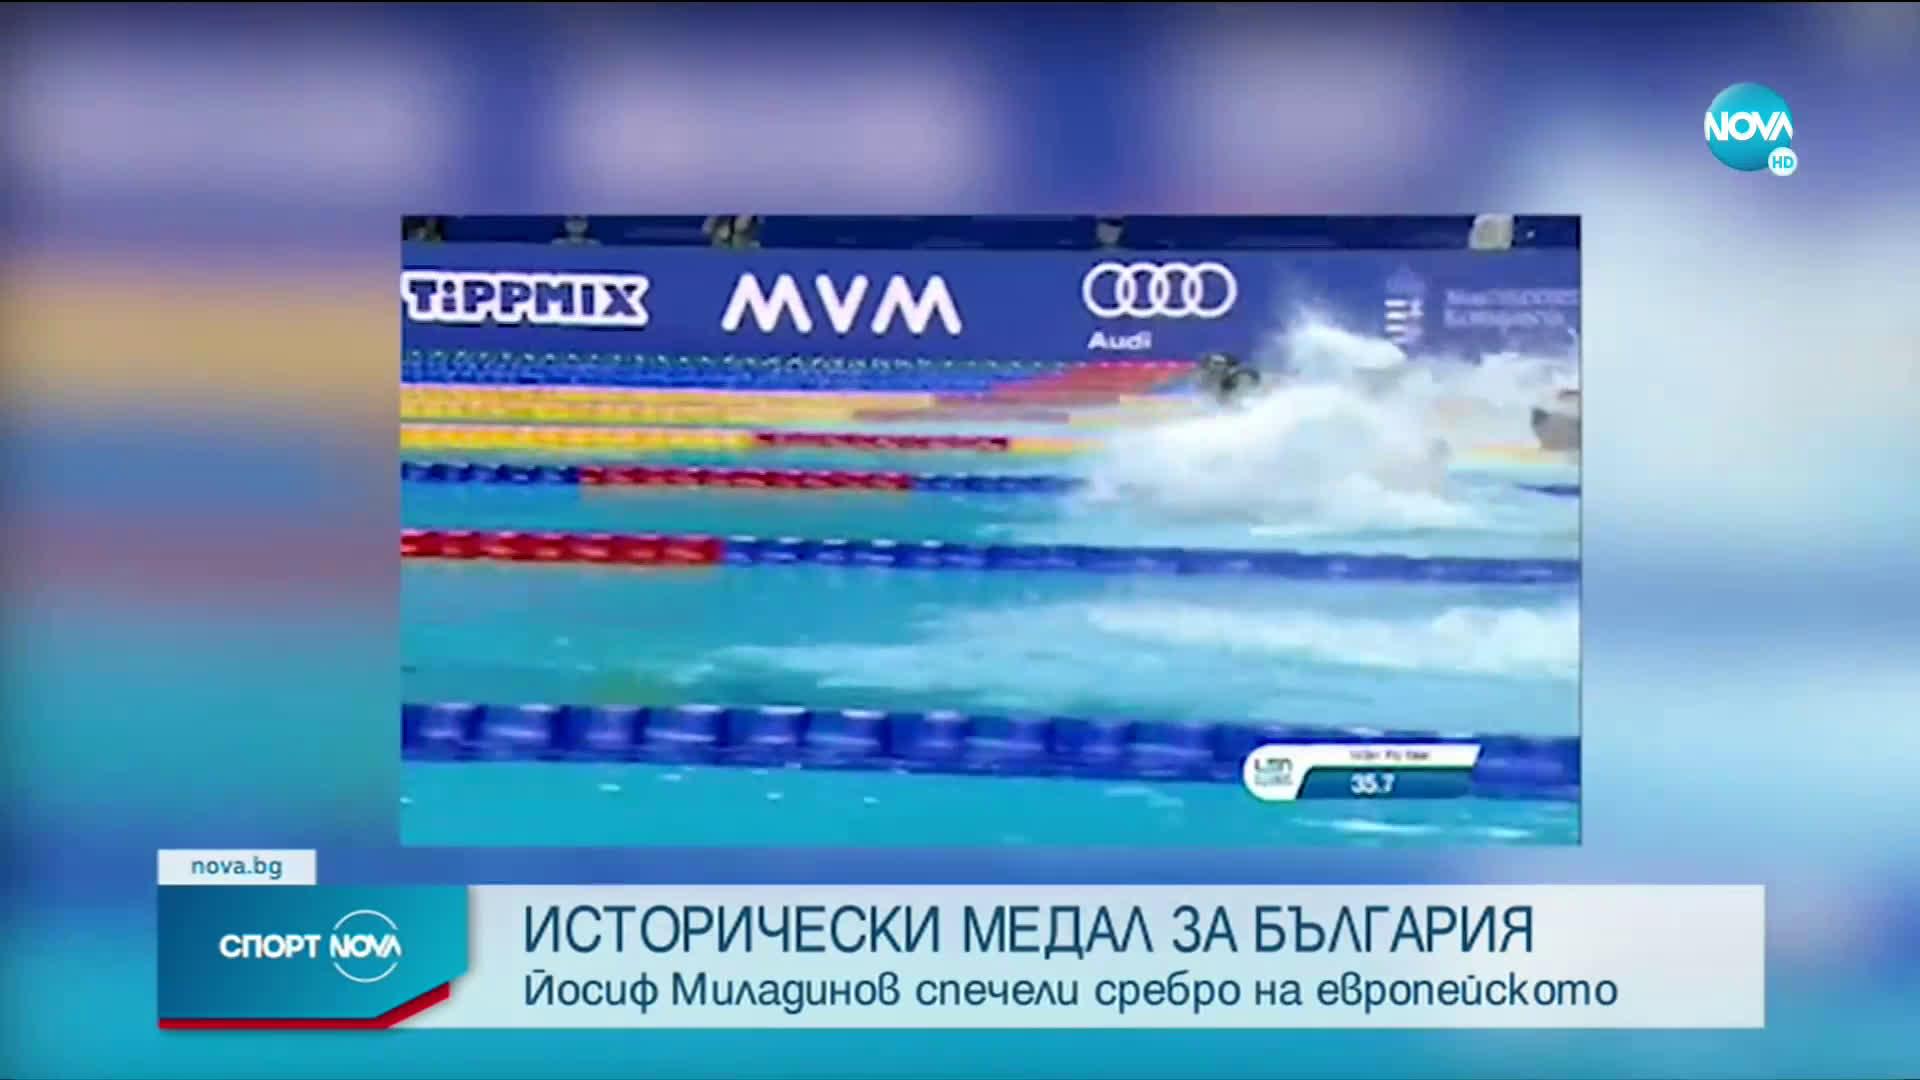 Исторически успех! Йосиф Миладинов взе сребро от Европейското по плуване